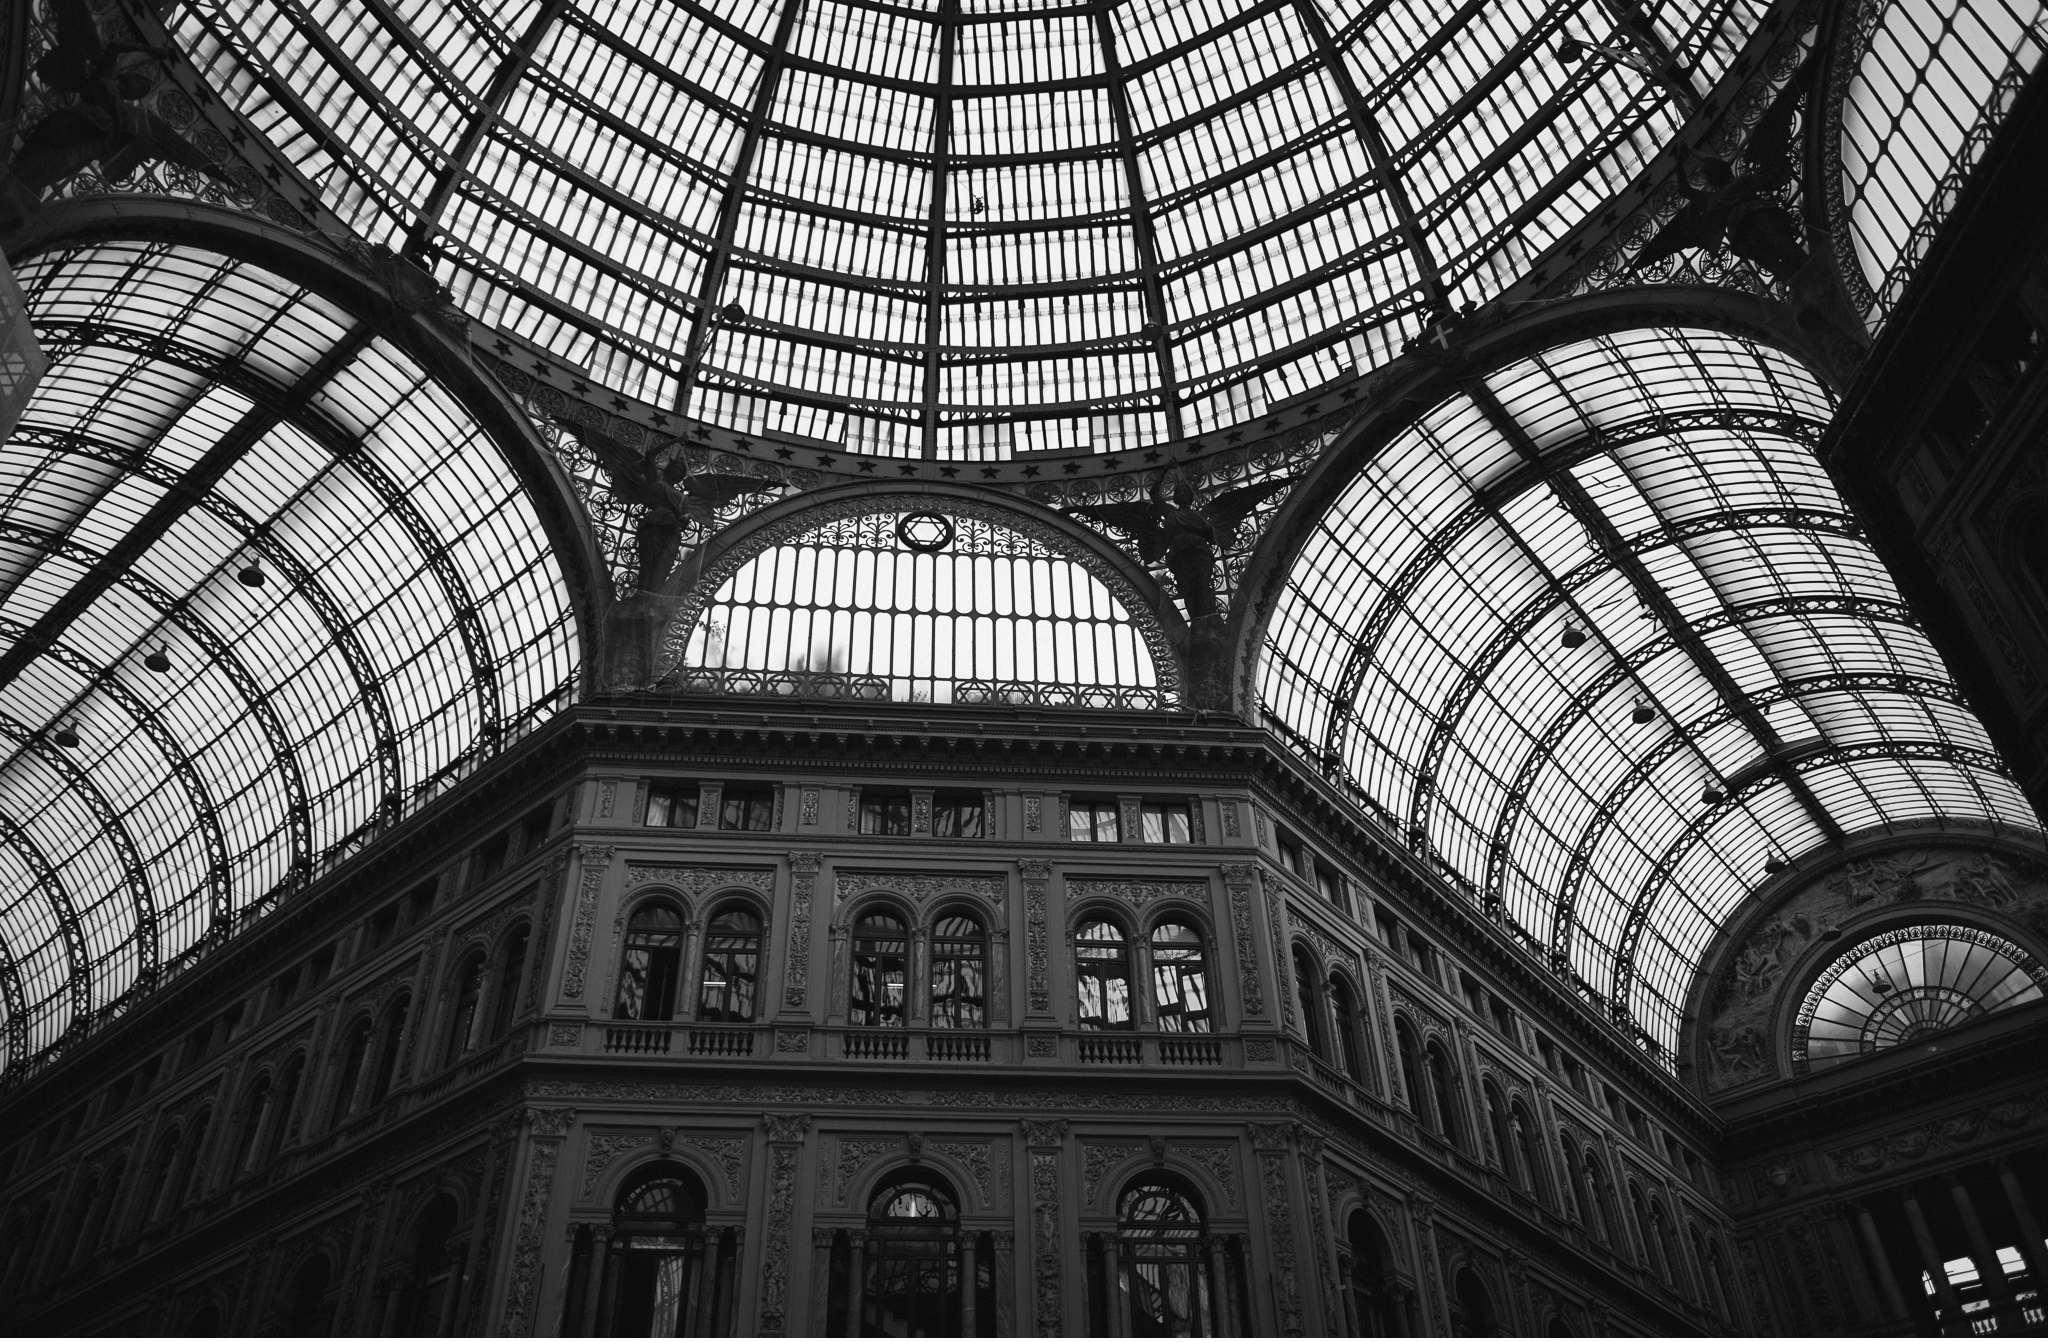 Interrail Reise - Italien Neapel - Geschichten von unterwegs - Foto Daniel Kempf-Seifried-56